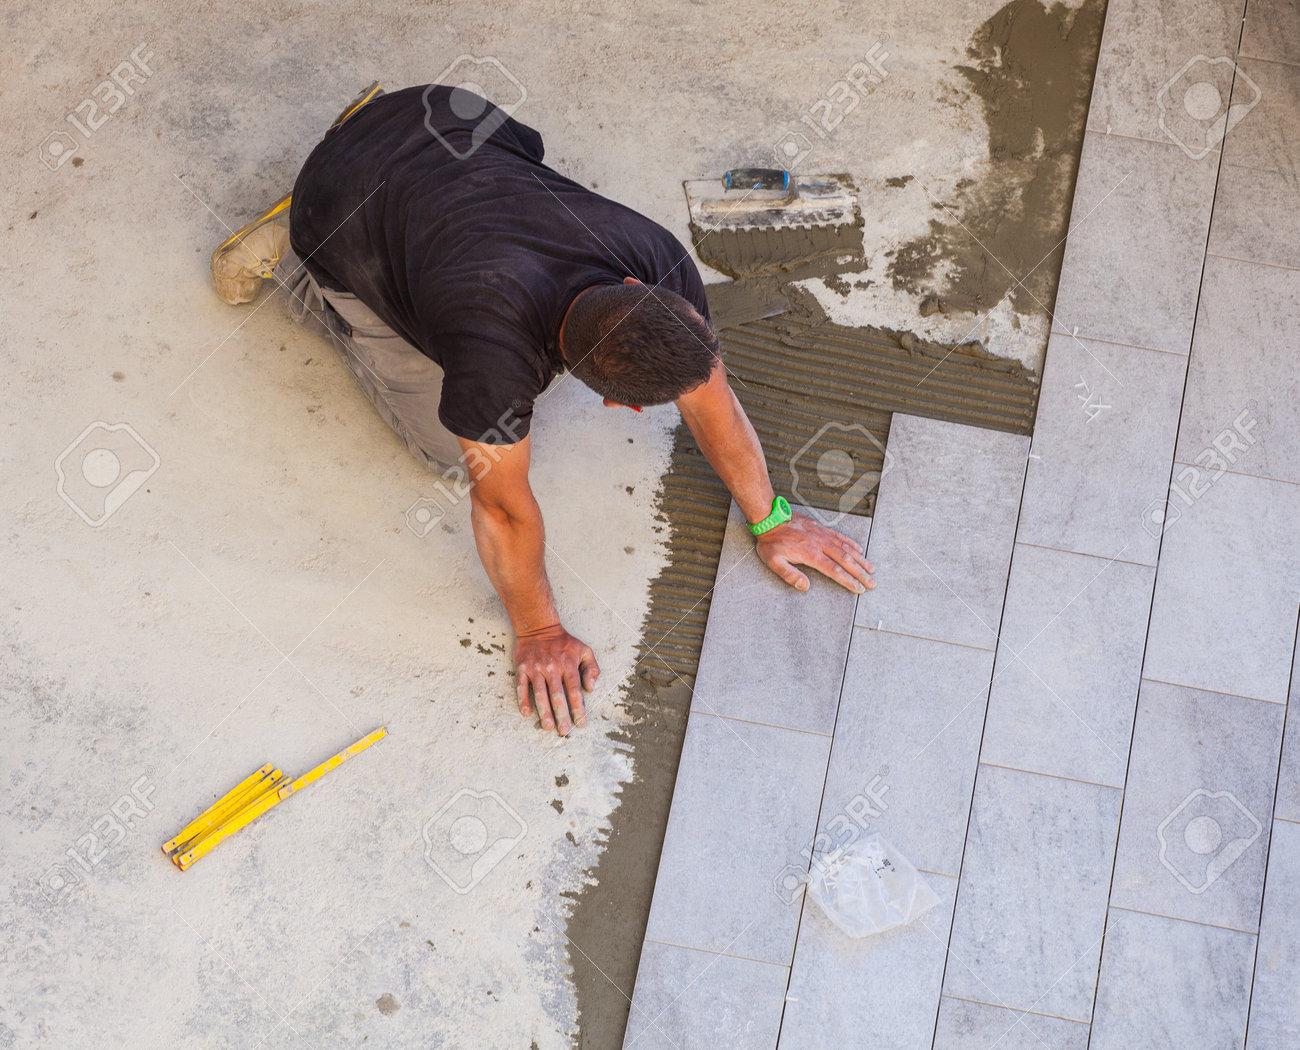 Trieste italia aprile 22: lavoratore installazione di pavimenti